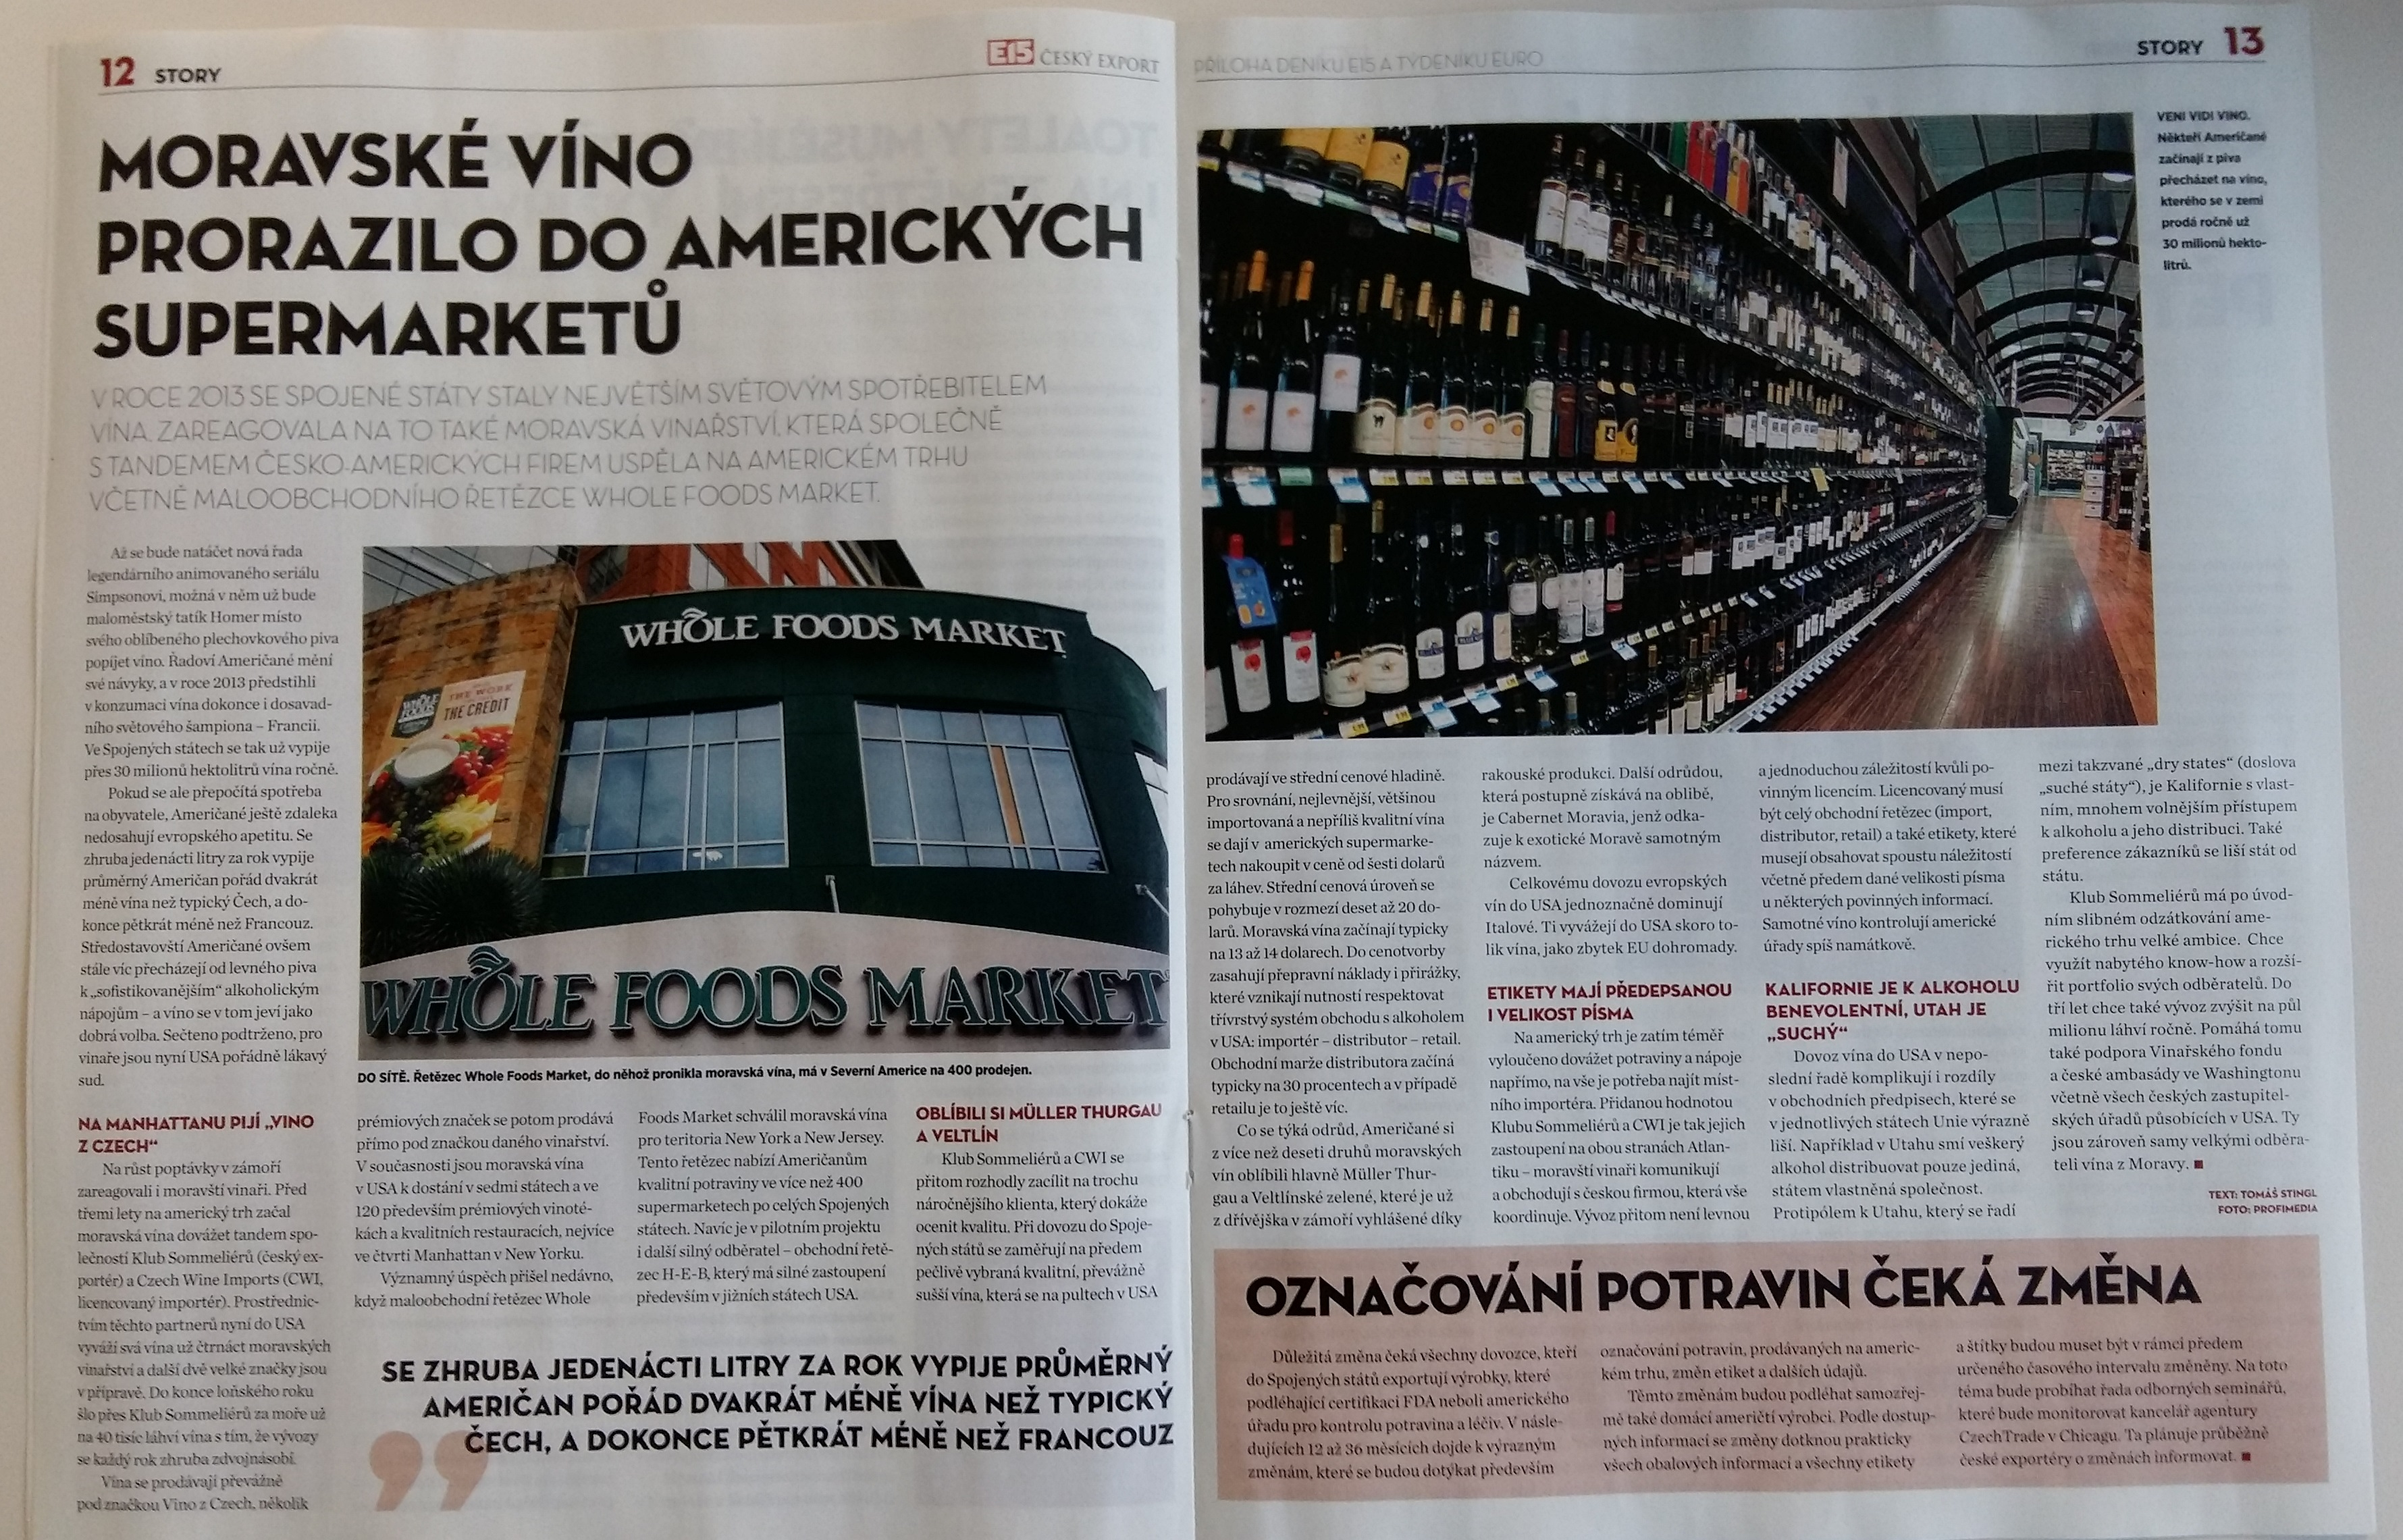 Článke v příloze časopisů EURO a E15